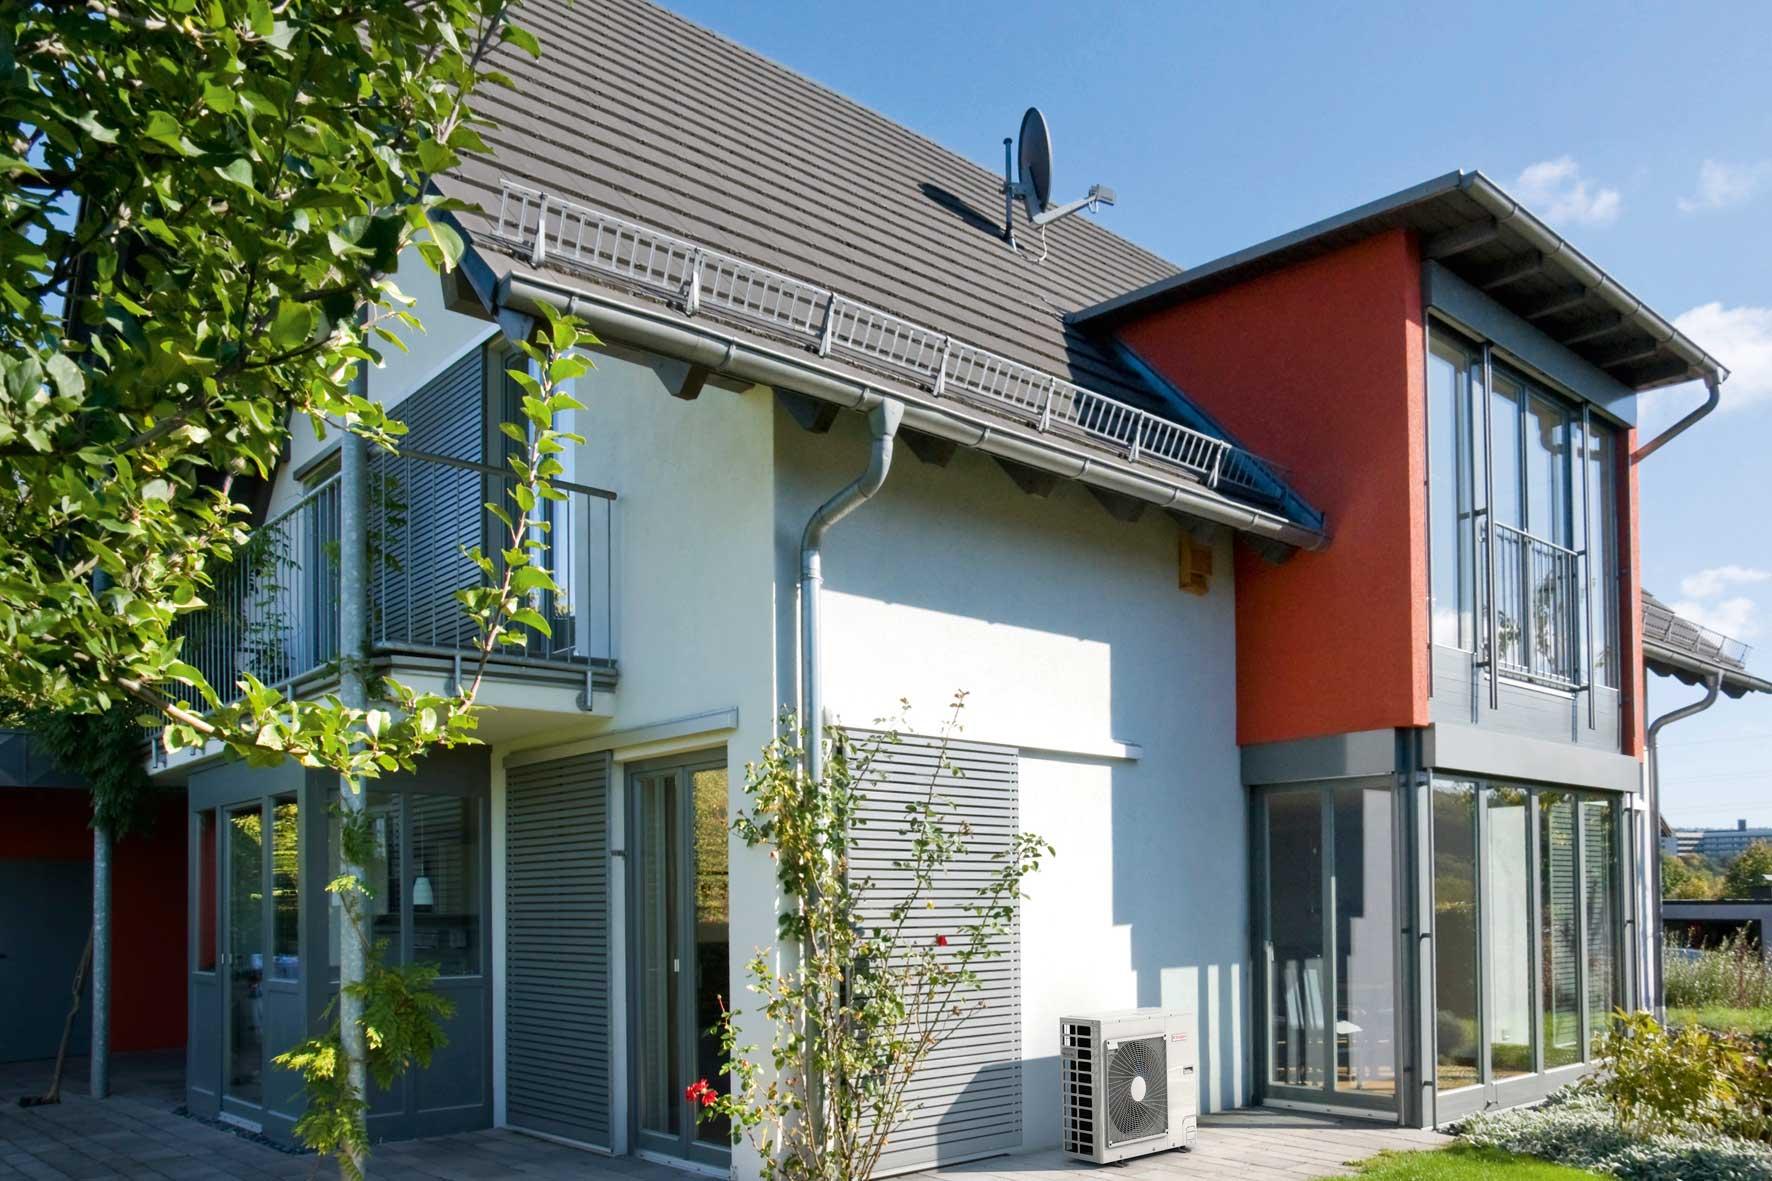 Wohngebäude Anlagen zur Nutzung erneuerbarer Energien in Heizungskeller oder Technikraum.